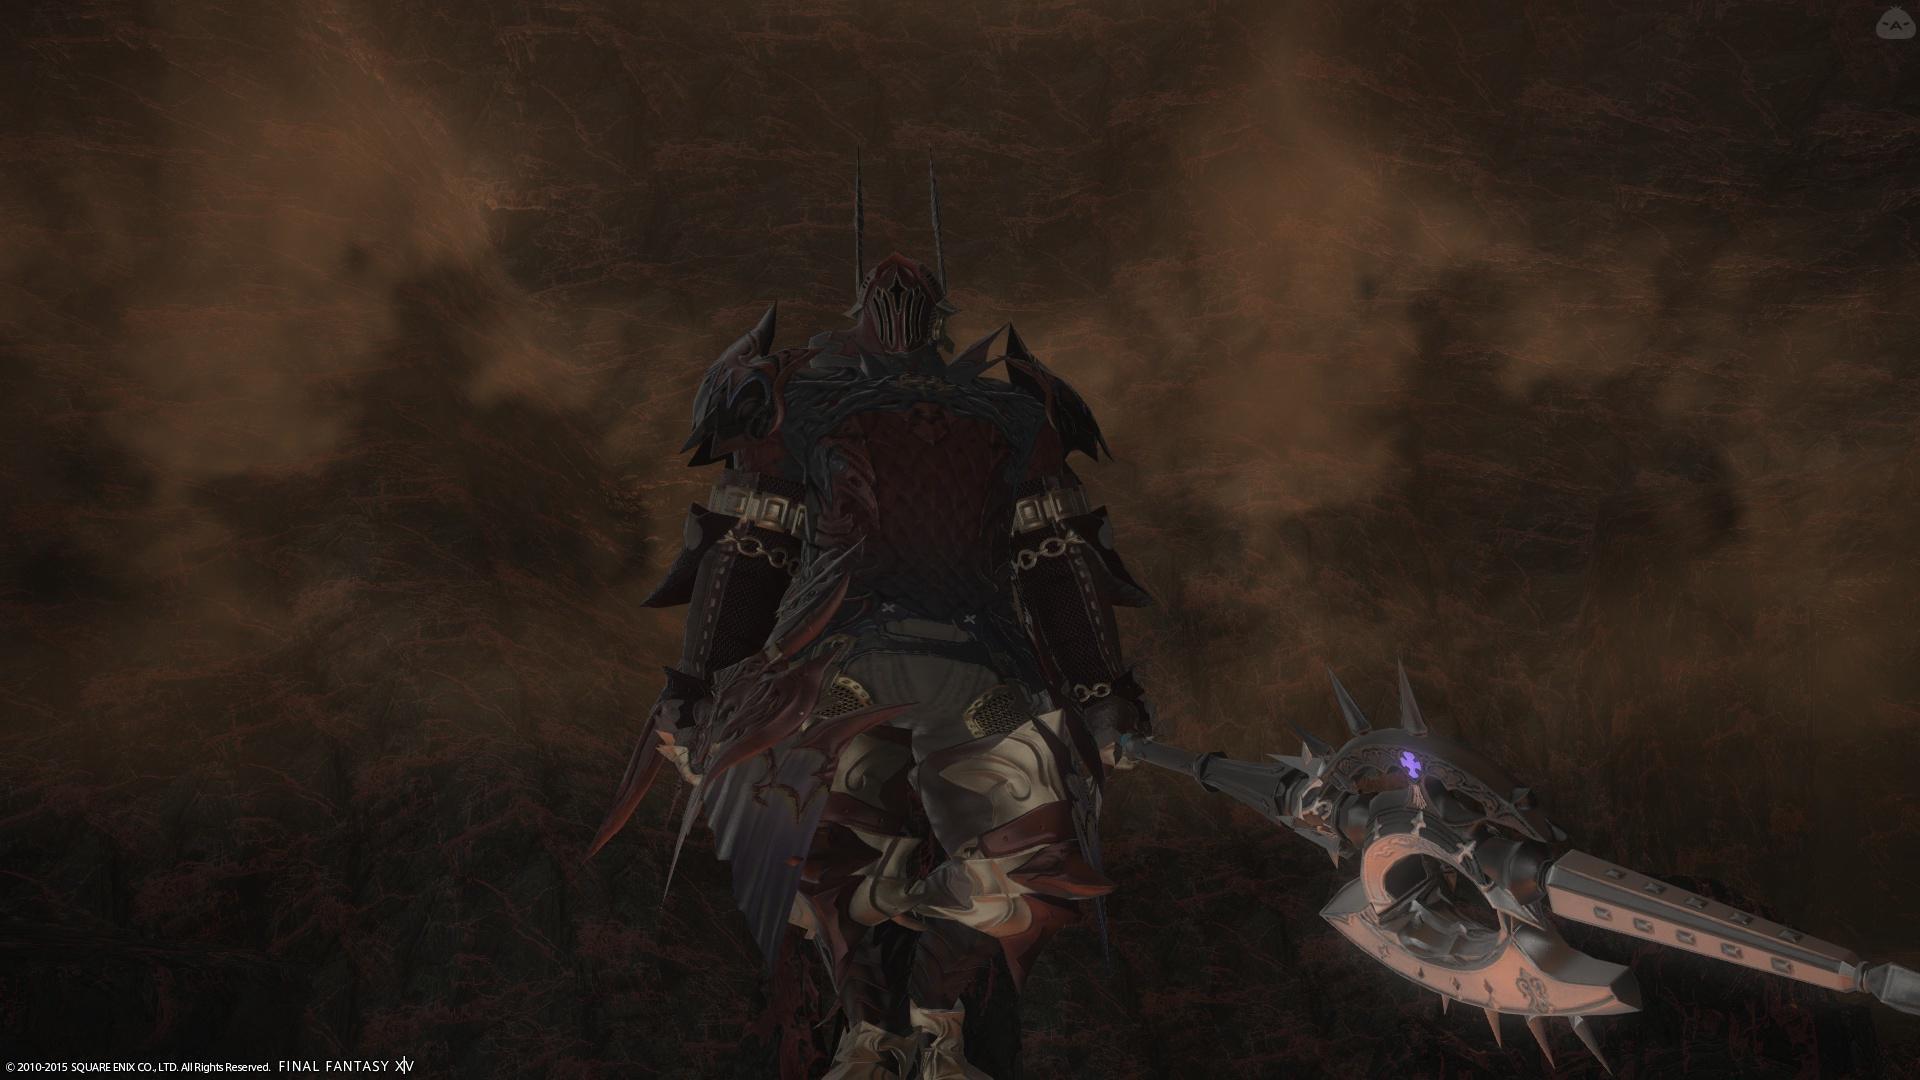 鮮紅の竜騎士